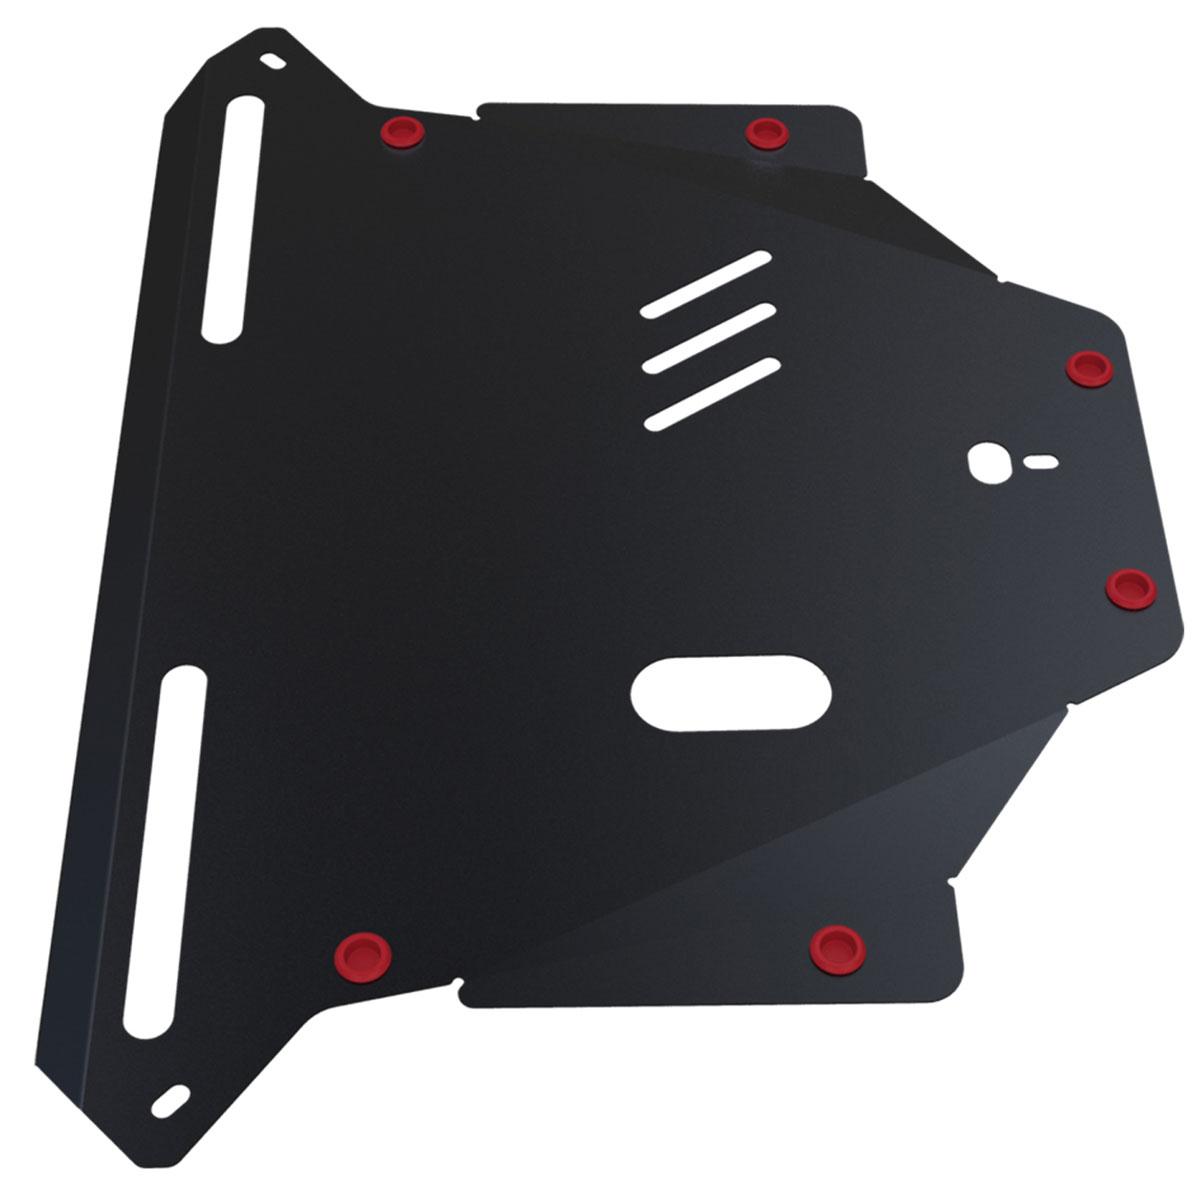 Защита картера и КПП Автоброня, для Honda CR-V II. 111.02110.1111.02110.1Технологически совершенный продукт за невысокую стоимость. Защита разработана с учетом особенностей днища автомобиля, что позволяет сохранить дорожный просвет с минимальным изменением. Защита устанавливается в штатные места кузова автомобиля. Глубокий штамп обеспечивает до двух раз больше жесткости в сравнении с обычной защитой той же толщины. Проштампованные ребра жесткости препятствуют деформации защиты при ударах. Тепловой зазор и вентиляционные отверстия обеспечивают сохранение температурного режима двигателя в норме. Скрытый крепеж предотвращает срыв крепежных элементов при наезде на препятствие. Шумопоглощающие резиновые элементы обеспечивают комфортную езду без вибраций и скрежета металла, а съемные лючки для слива масла и замены фильтра - экономию средств и времени. Конструкция изделия не влияет на пассивную безопасность автомобиля (при ударе защита не воздействует на деформационные зоны кузова). Толщина стали: 2 мм. В комплекте набор...